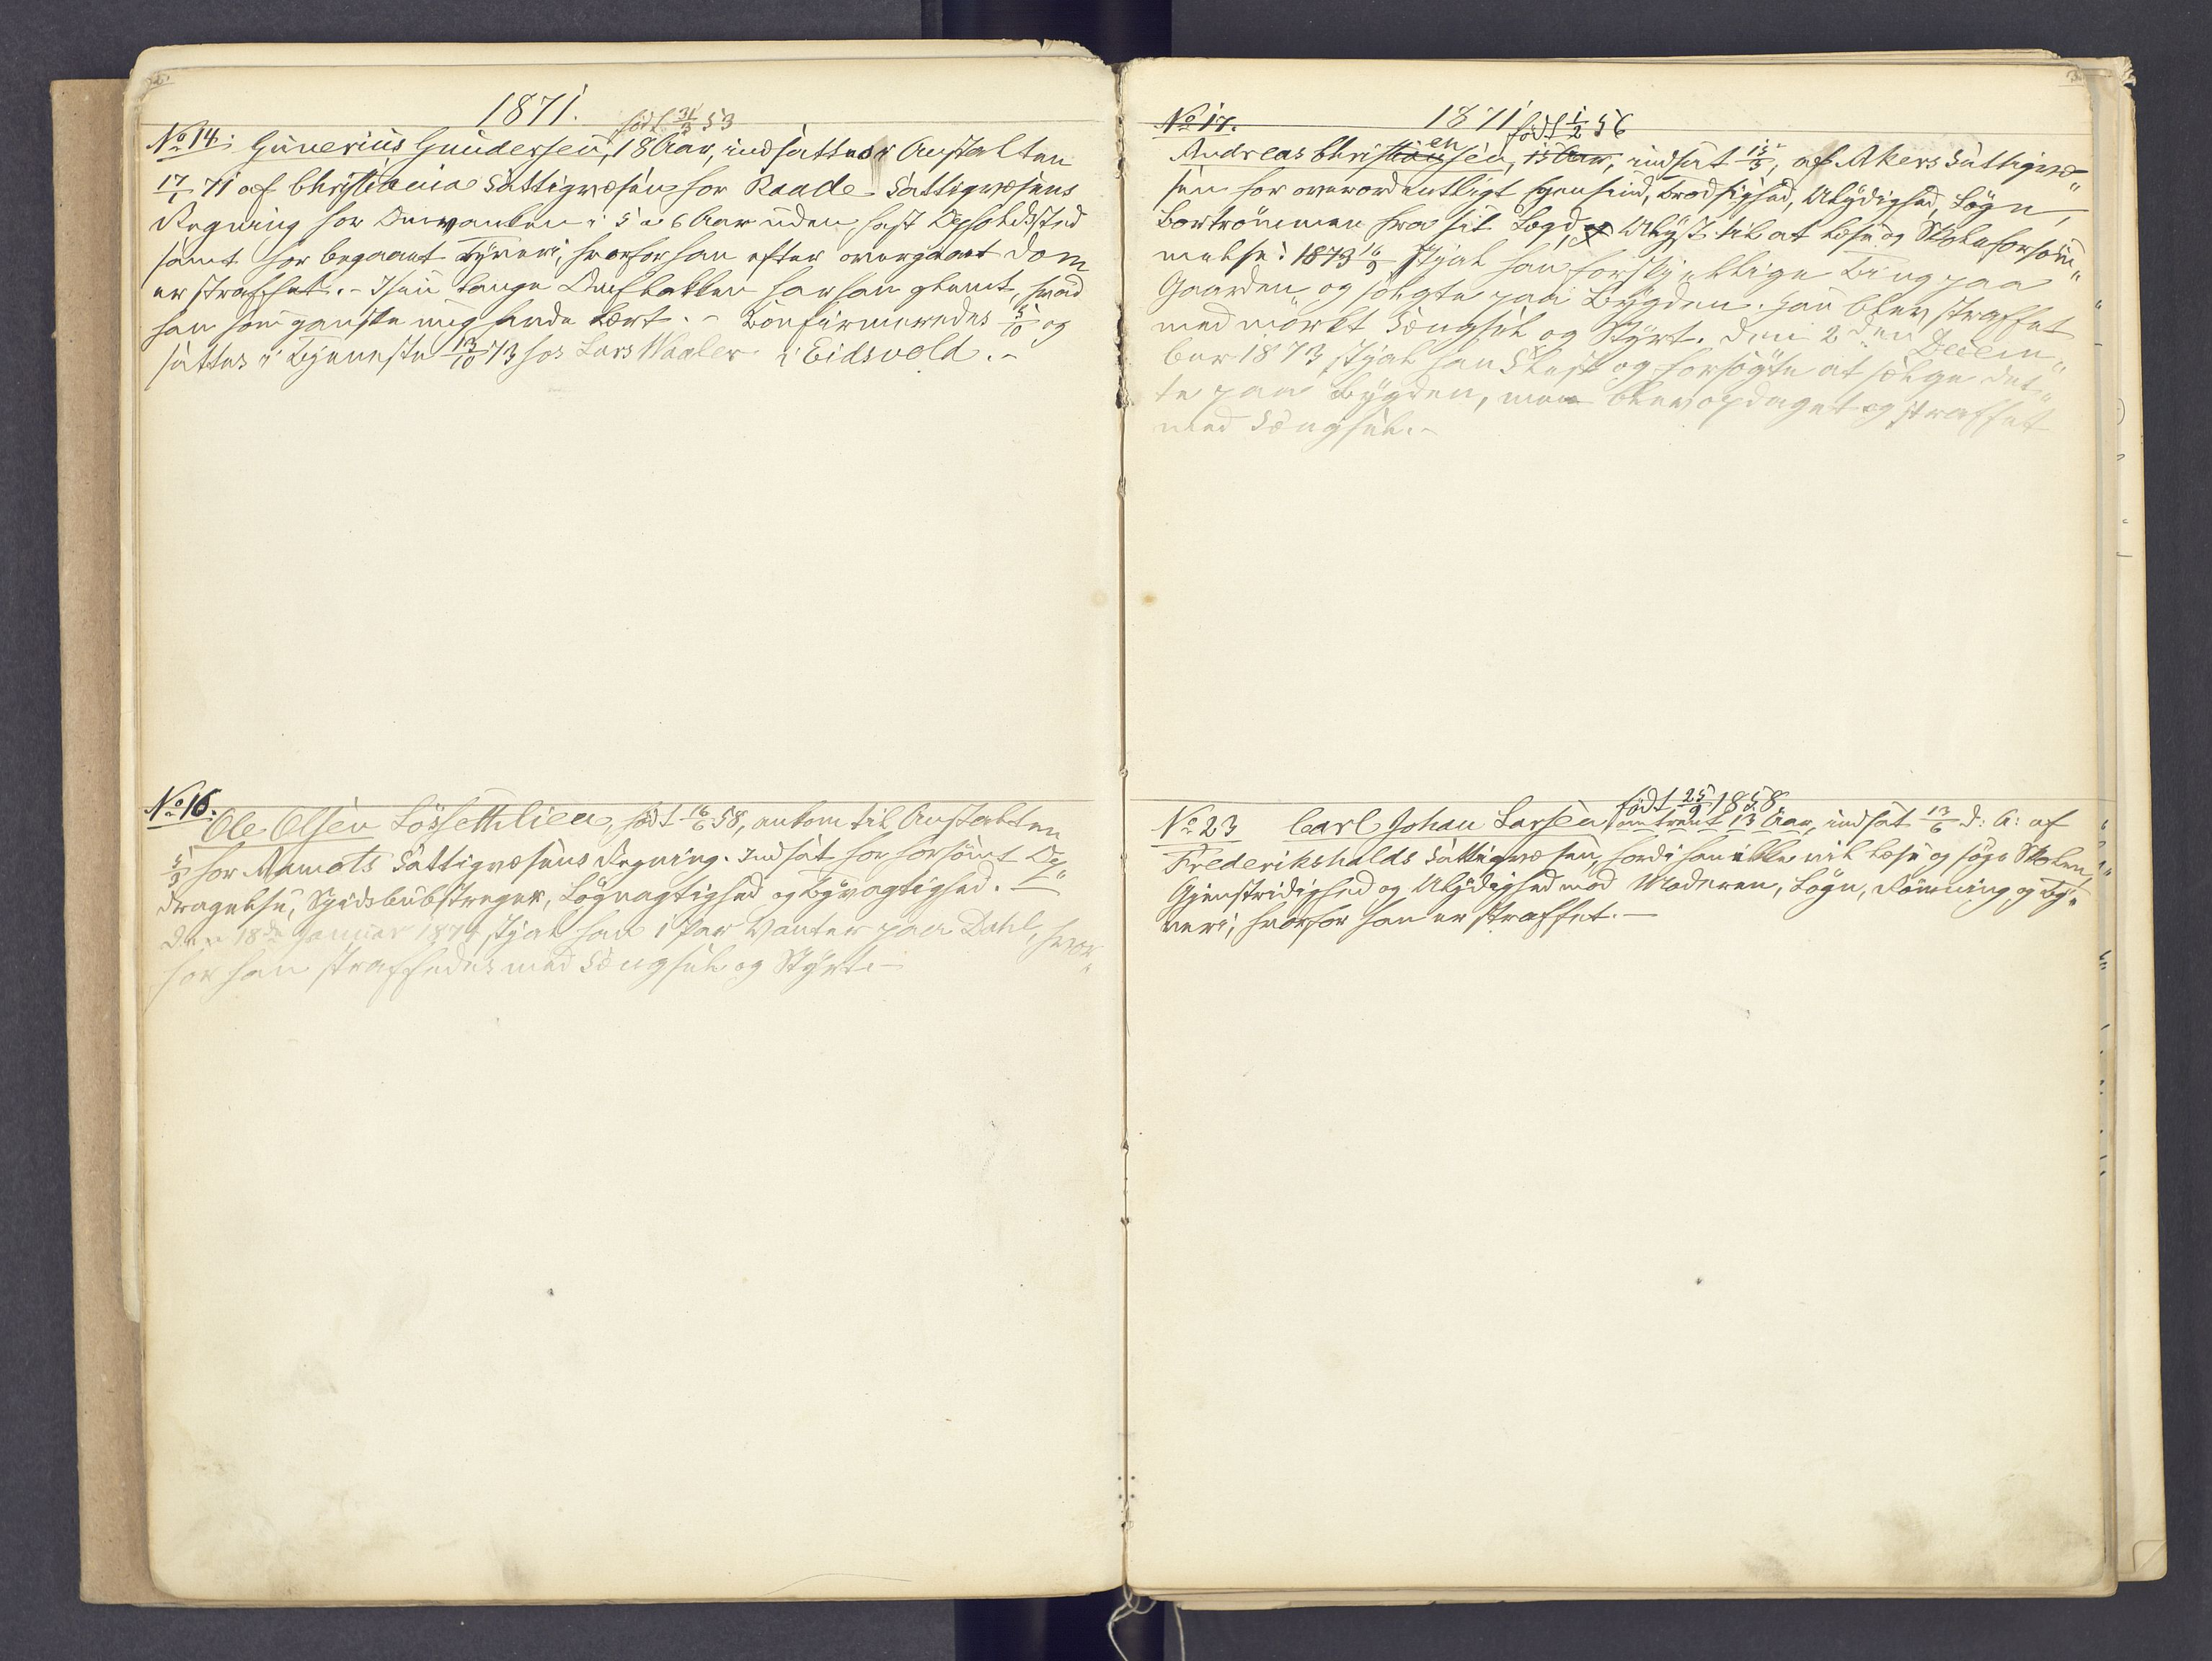 SAH, Toftes Gave, F/Fc/L0002: Elevprotokoll, 1870-1885, s. 2-3